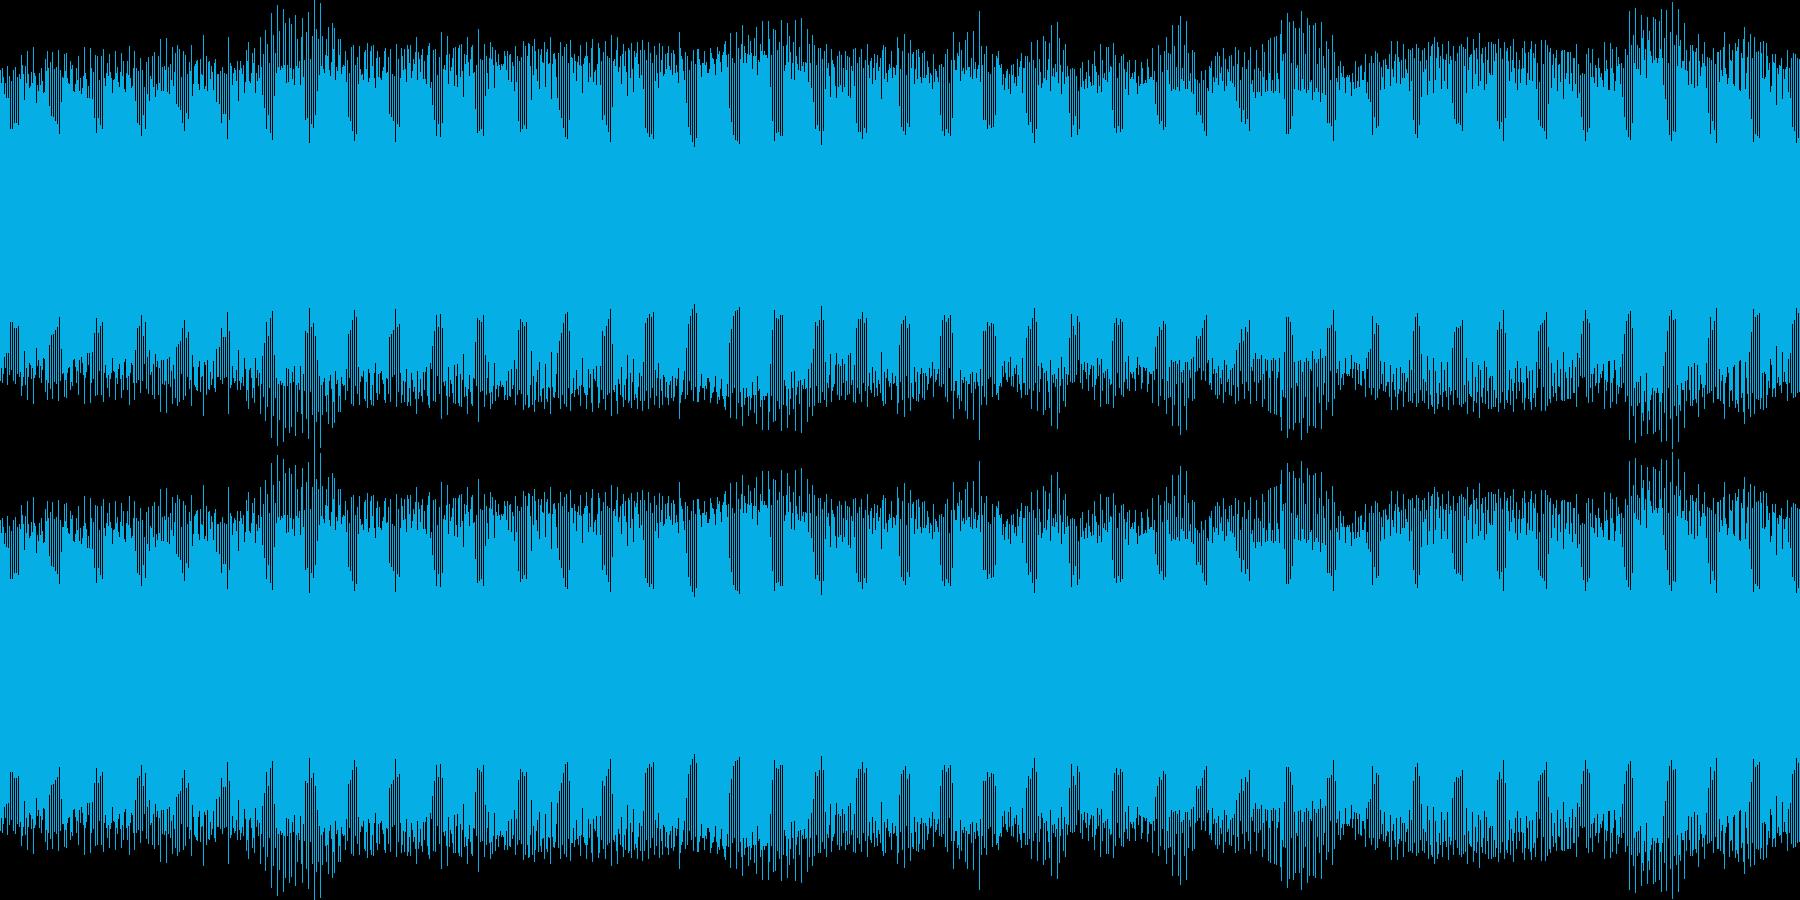 環境音・ハムノイズ(ブーン)の再生済みの波形